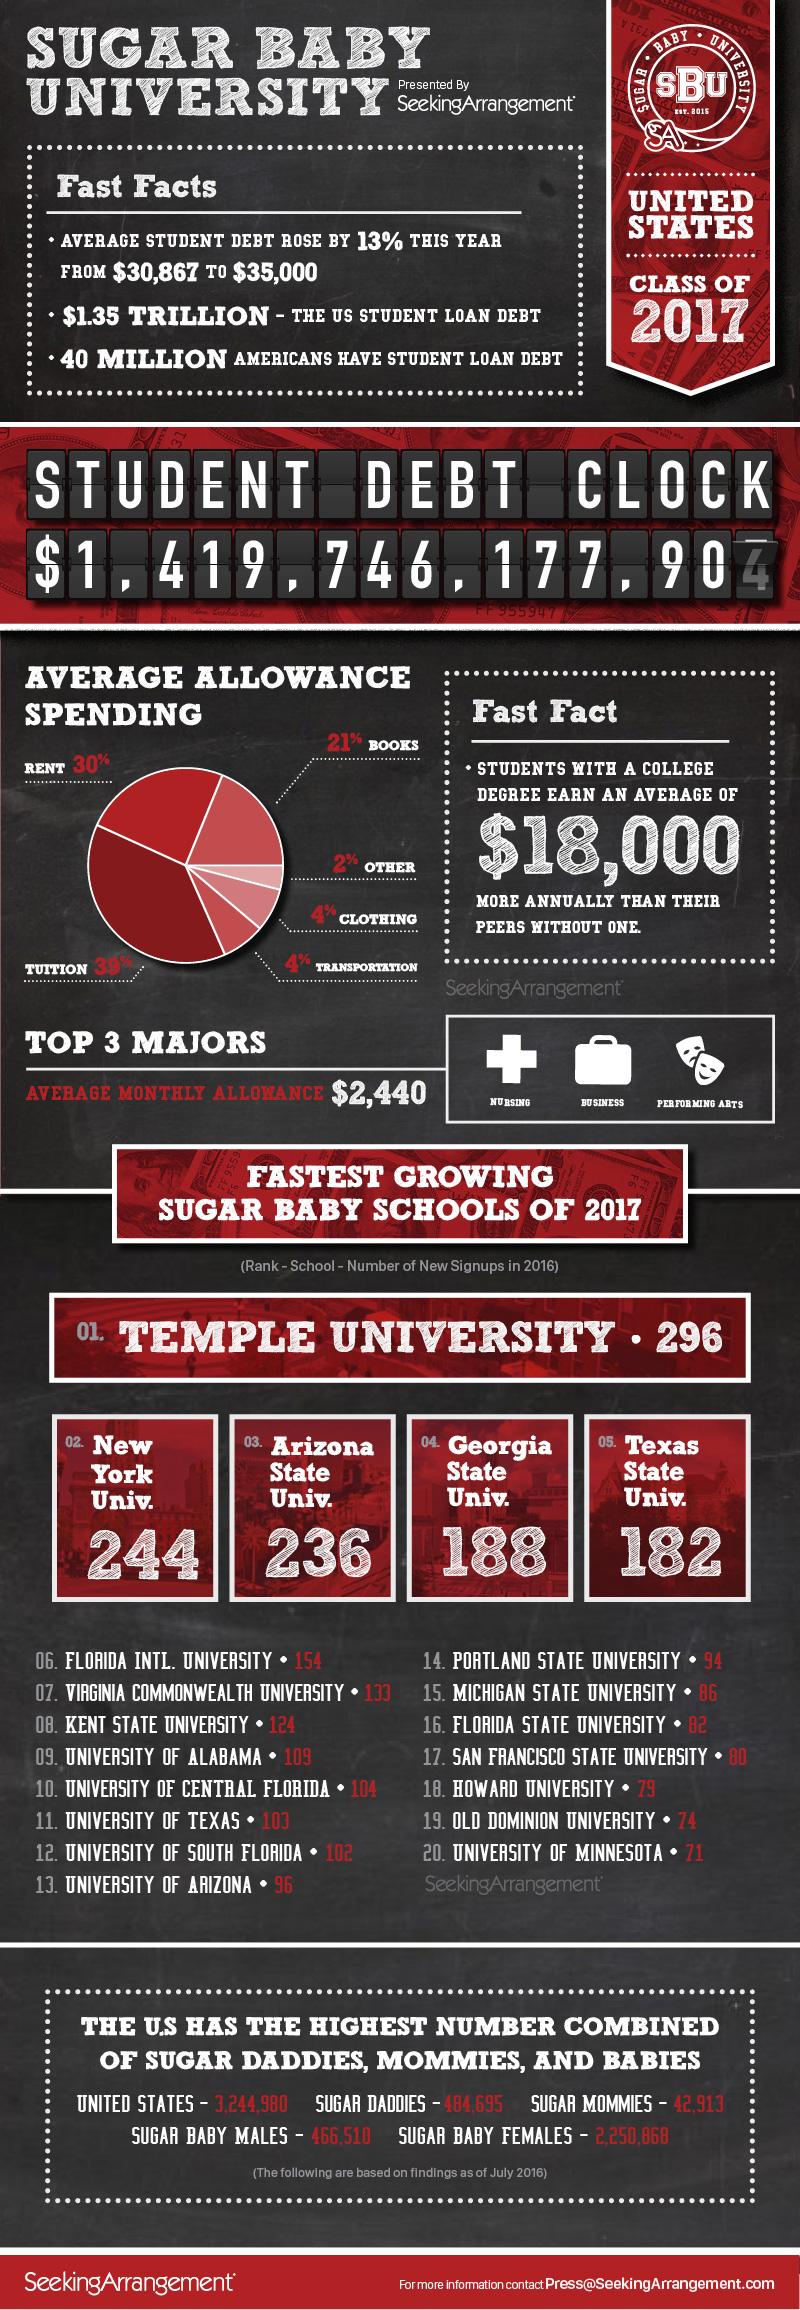 sa-sbschools-2017-infographic_usa.jpg